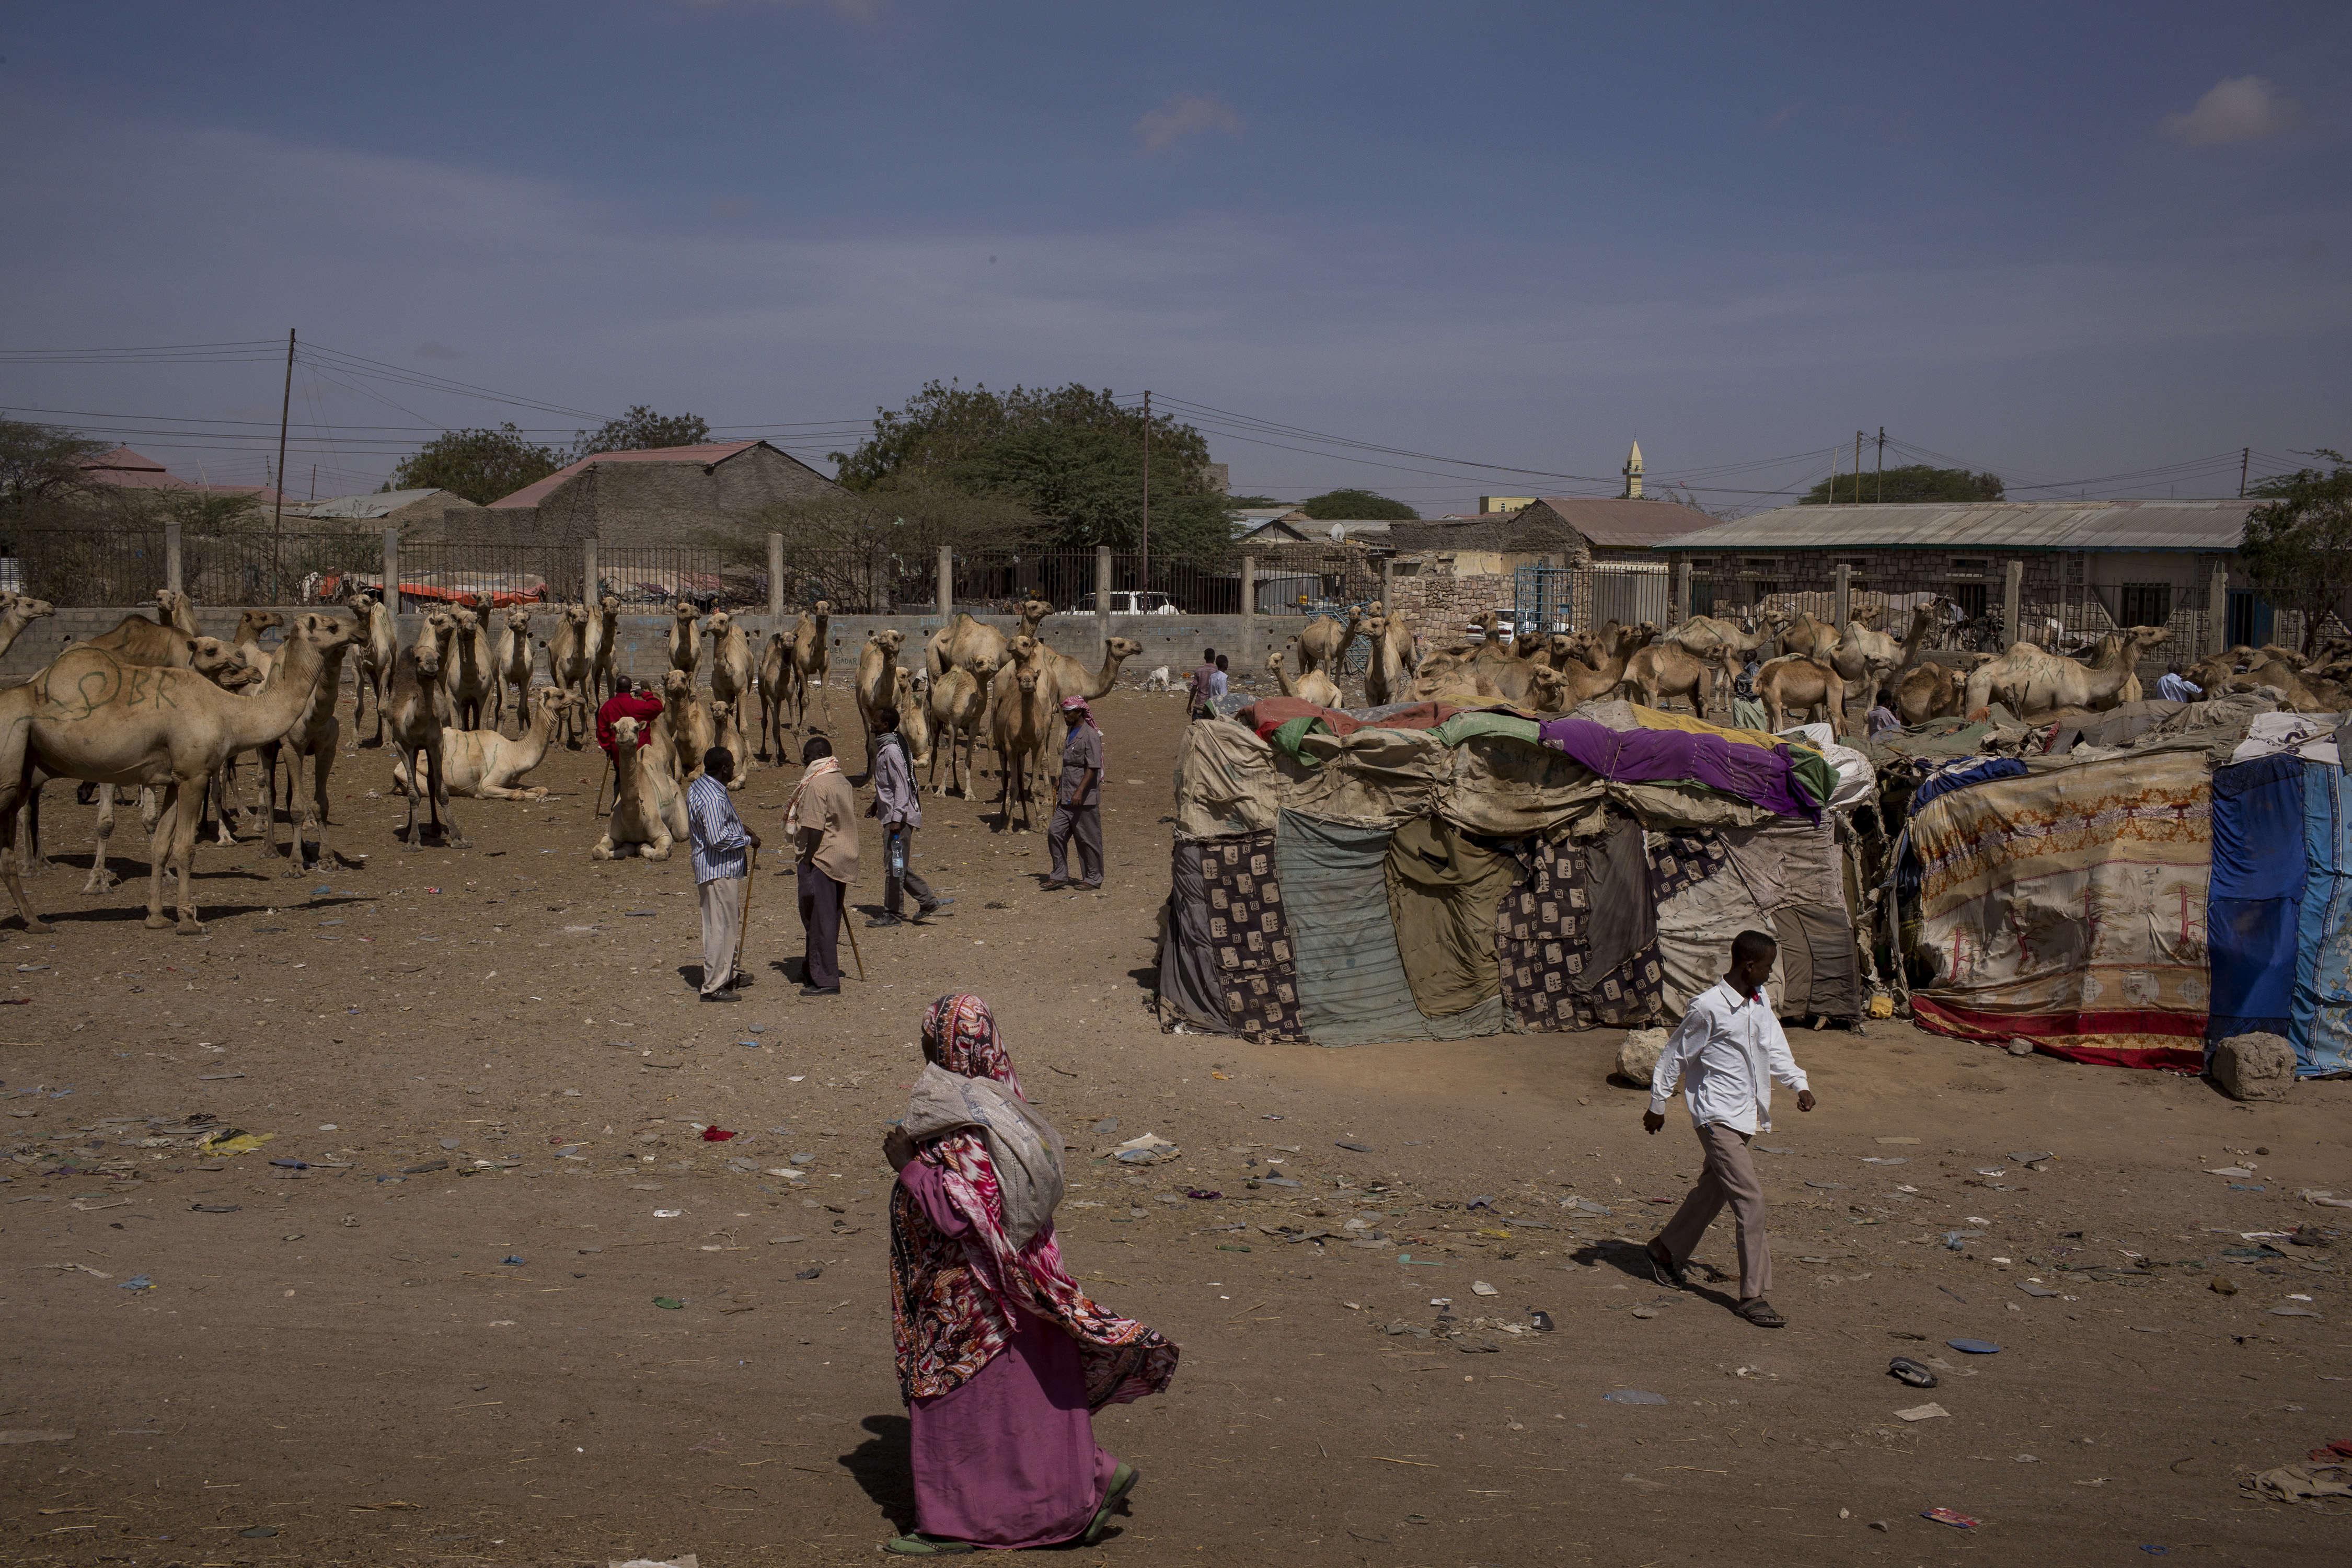 Sur le marché de Hargeisa, le 25 mars. La sécheresse a entraîné une diminution du bétail disponible.